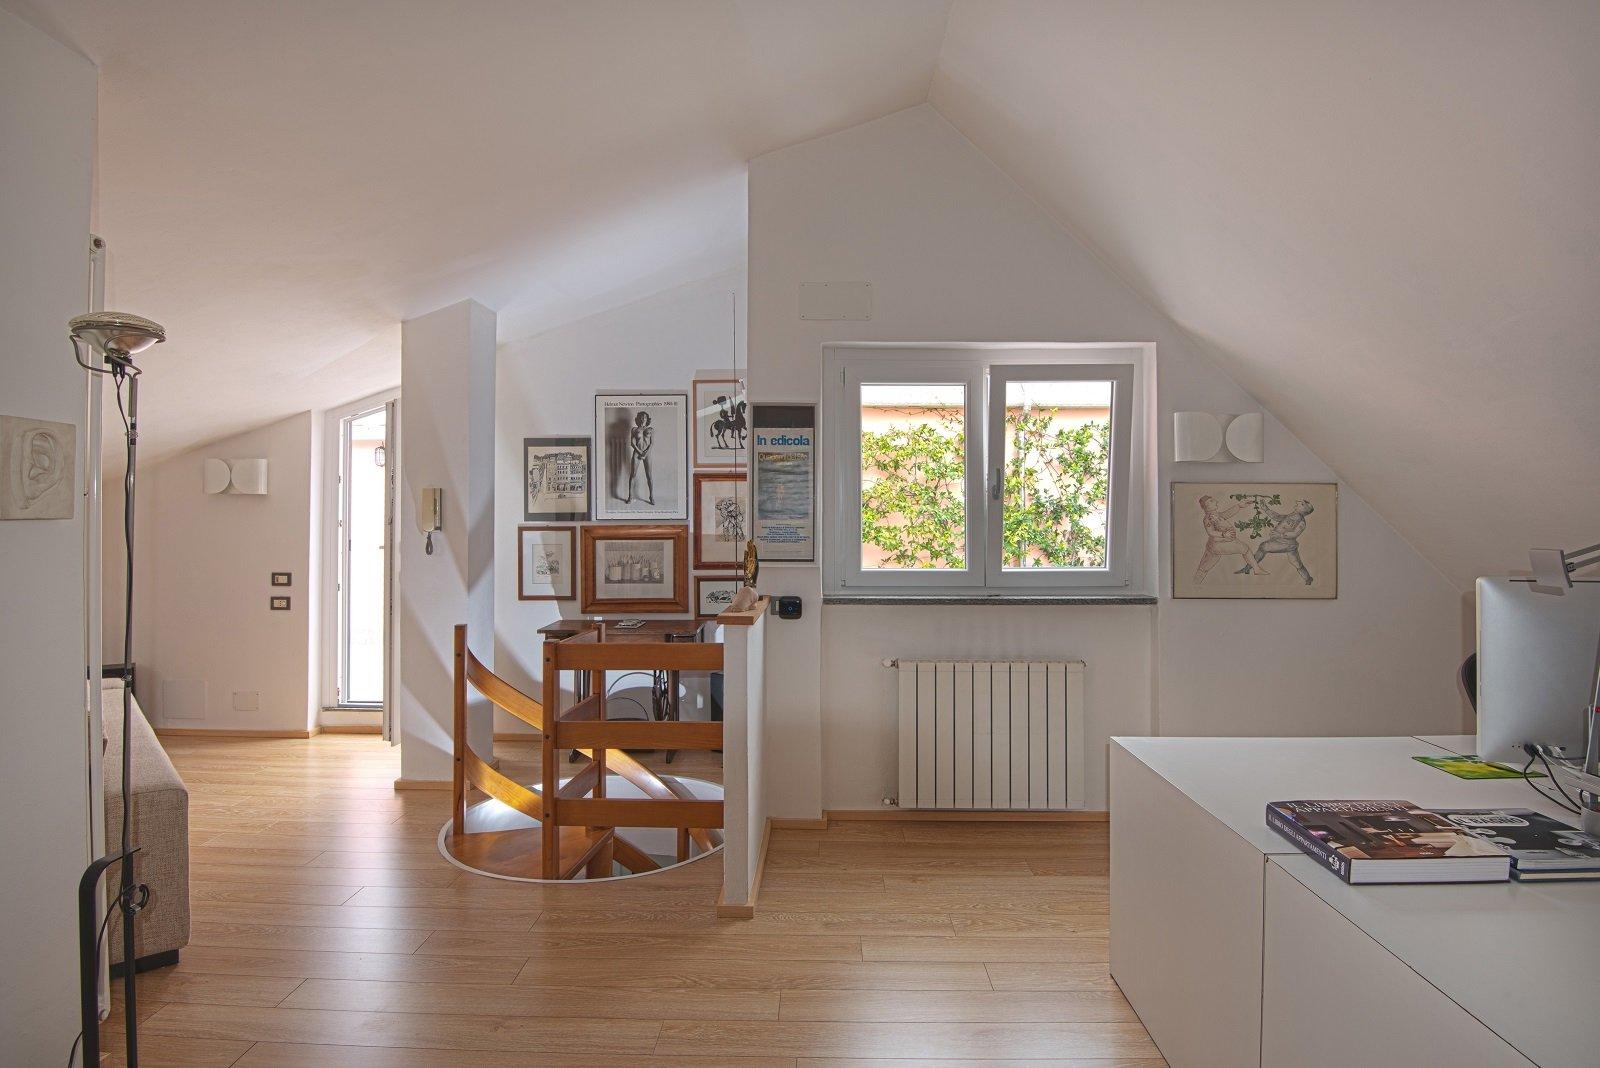 Pareti e soffitto bianchi per un effetto di maggiore for Disegni di casa piano aperto